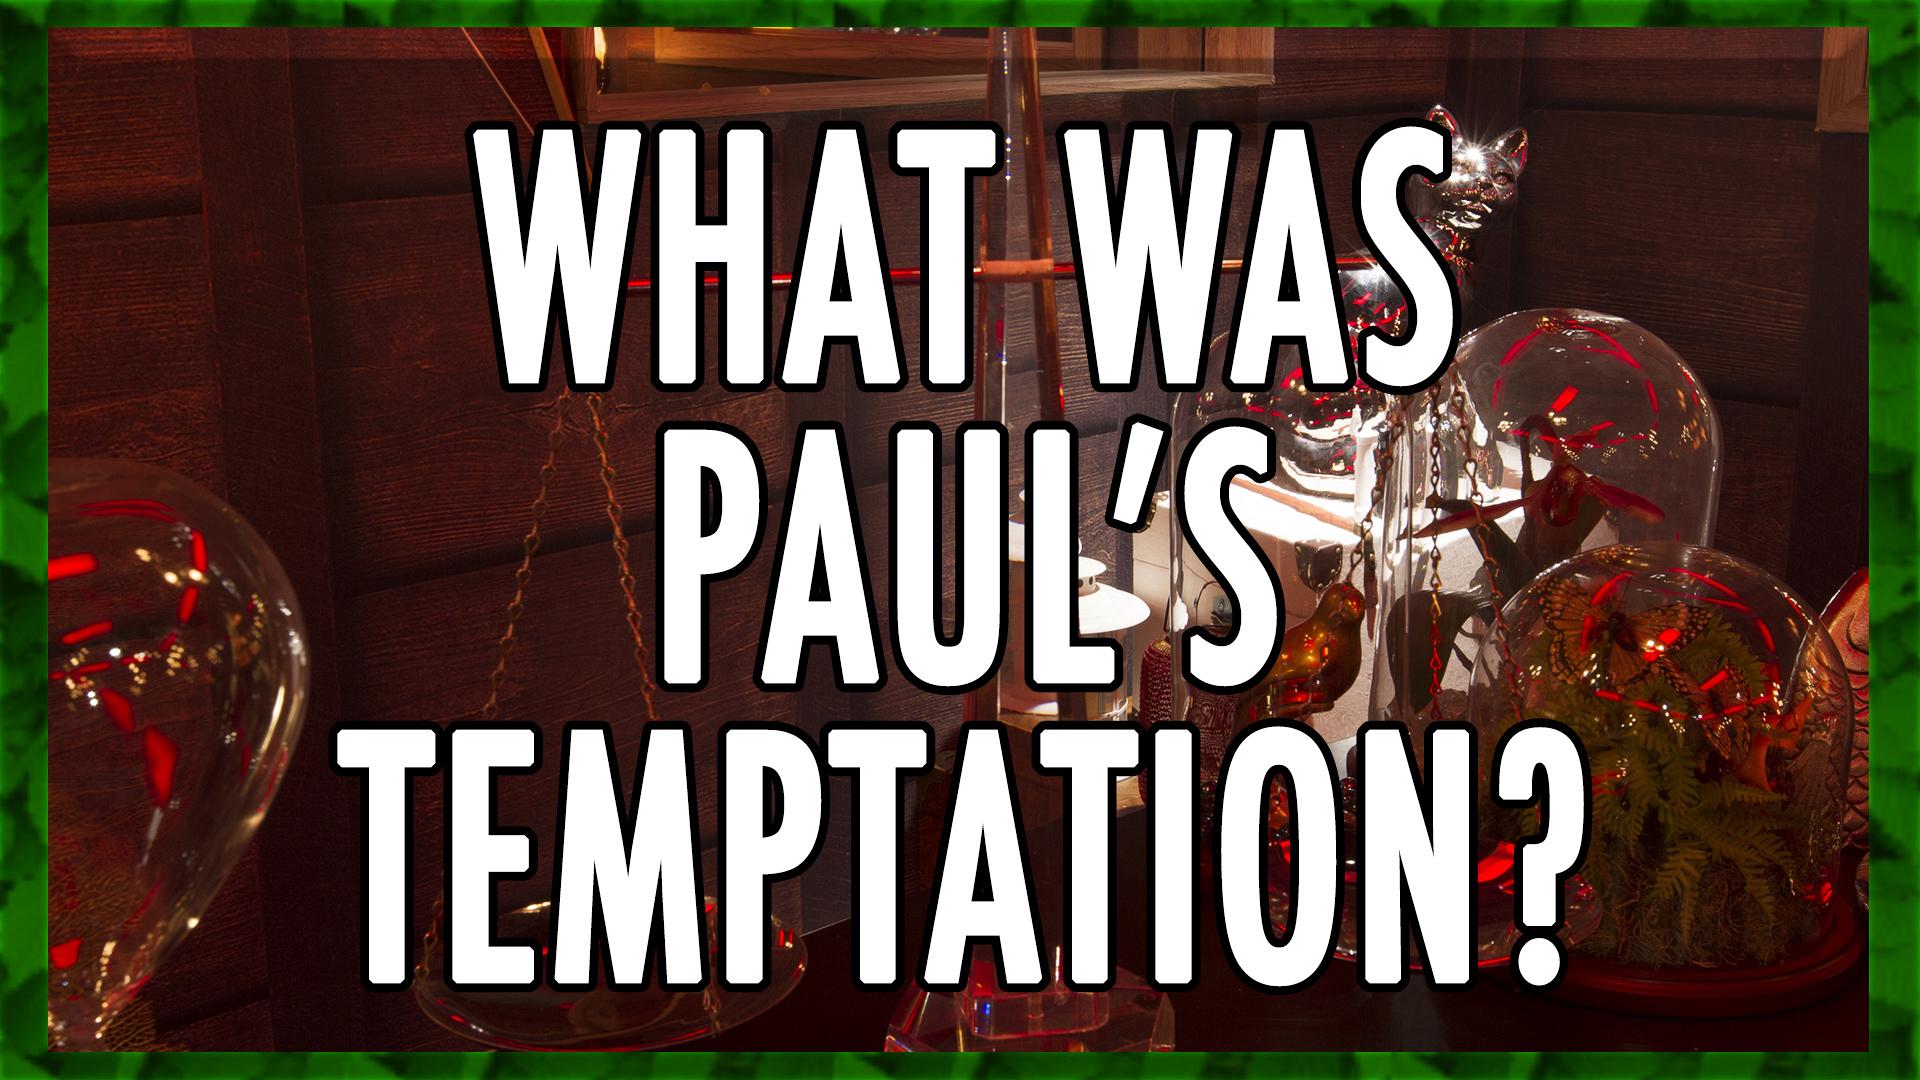 What was Paul's temptation?